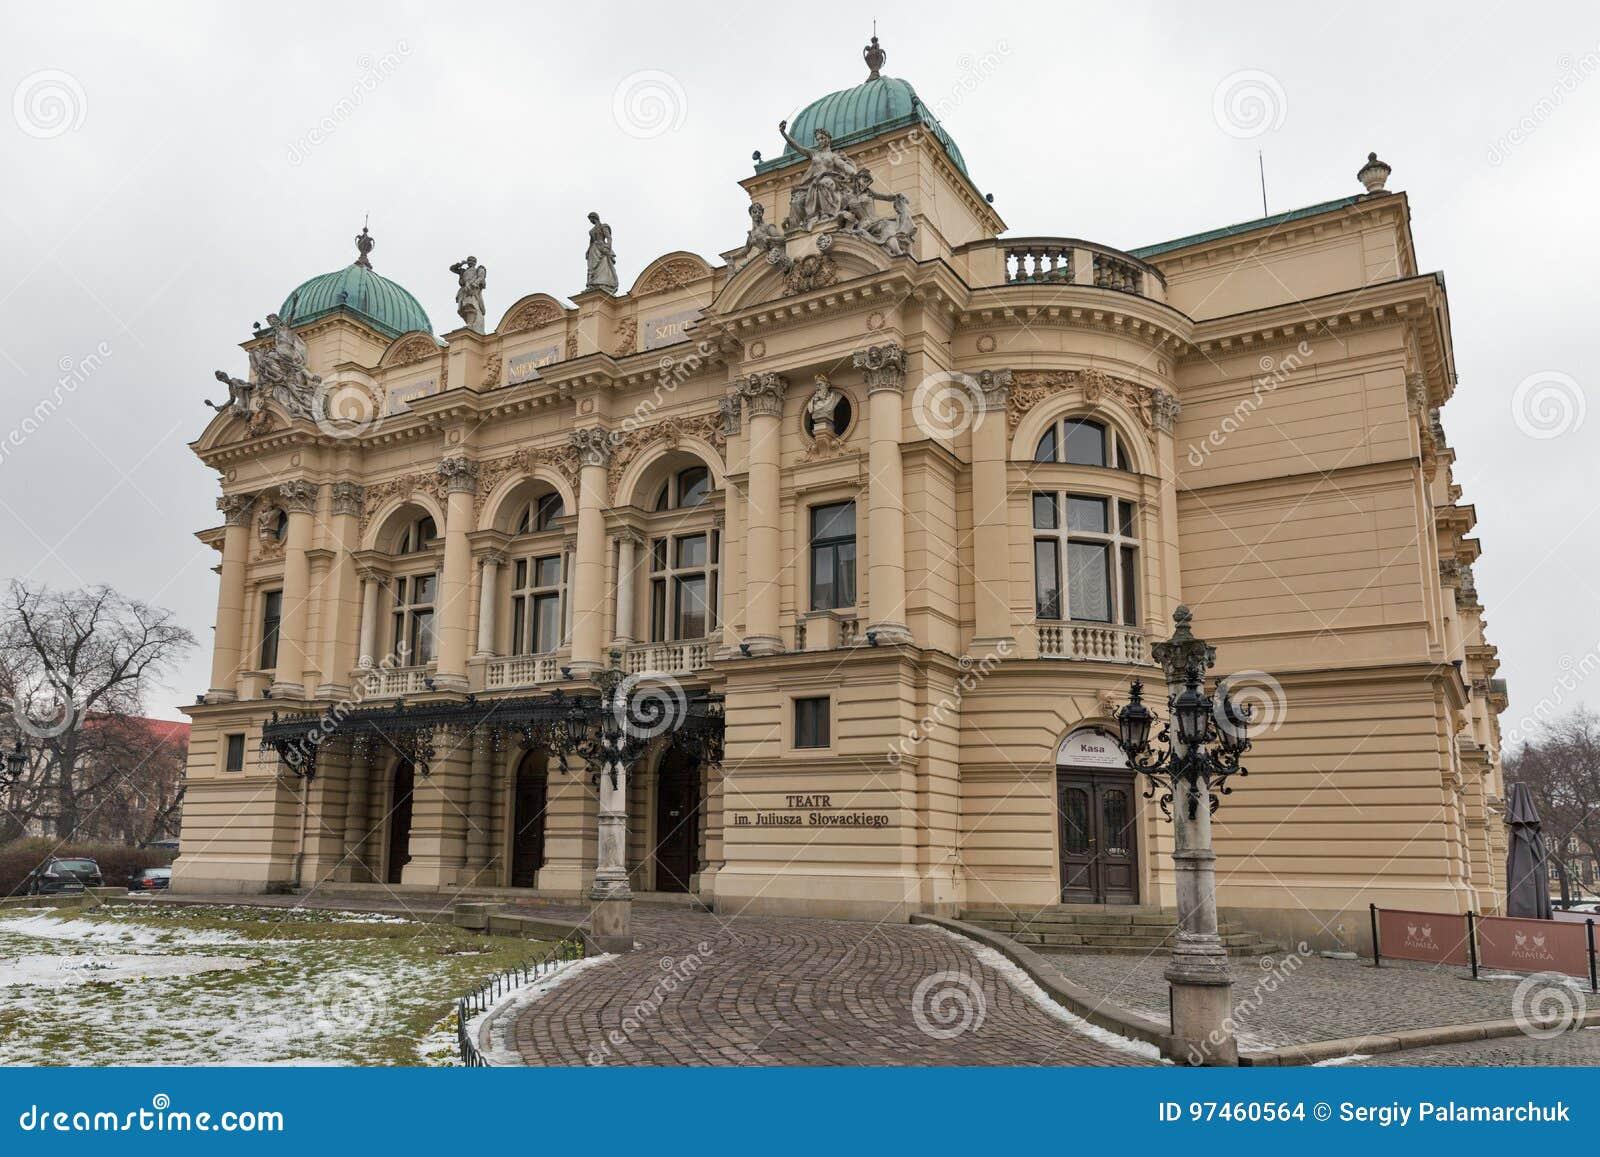 Θέατρο Slowacki Juliusz στην παλαιά πόλη της Κρακοβίας, Πολωνία